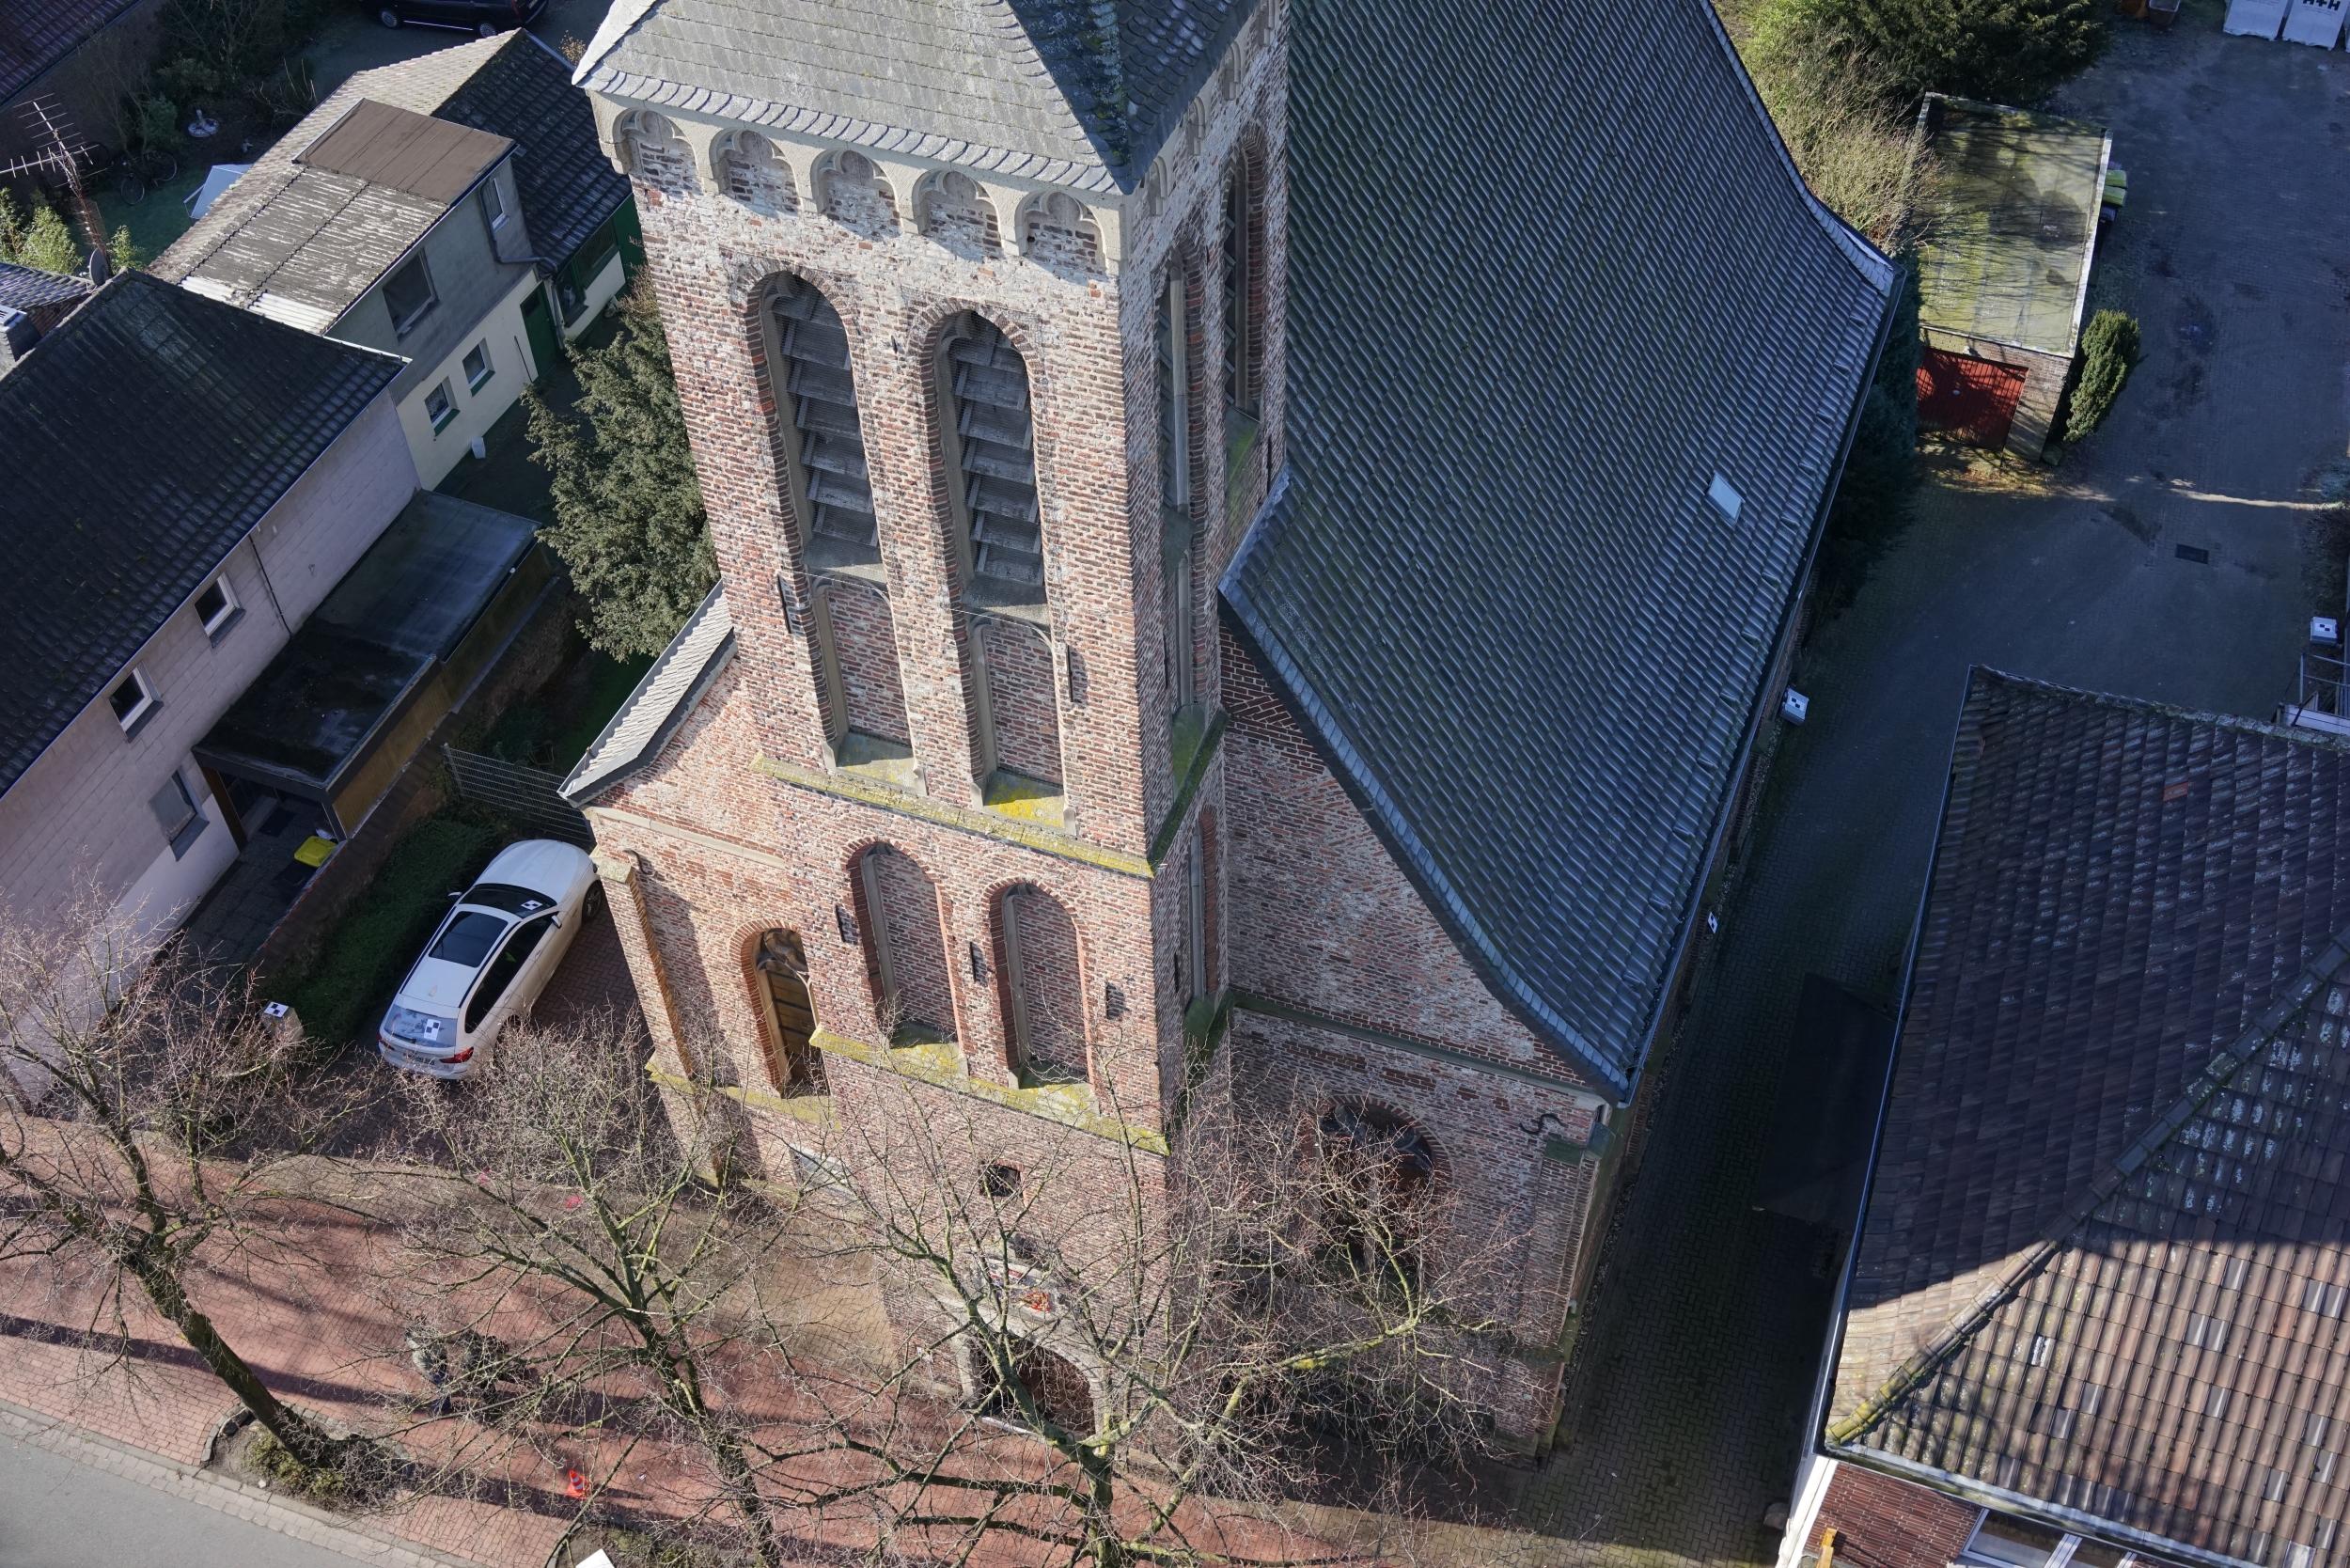 3D-Laserscanning Photogrammetrie 3D-Vermessung Aufmaß Punktwolke 3D-Modell Kirche Architektur Moers Duisburg NRW